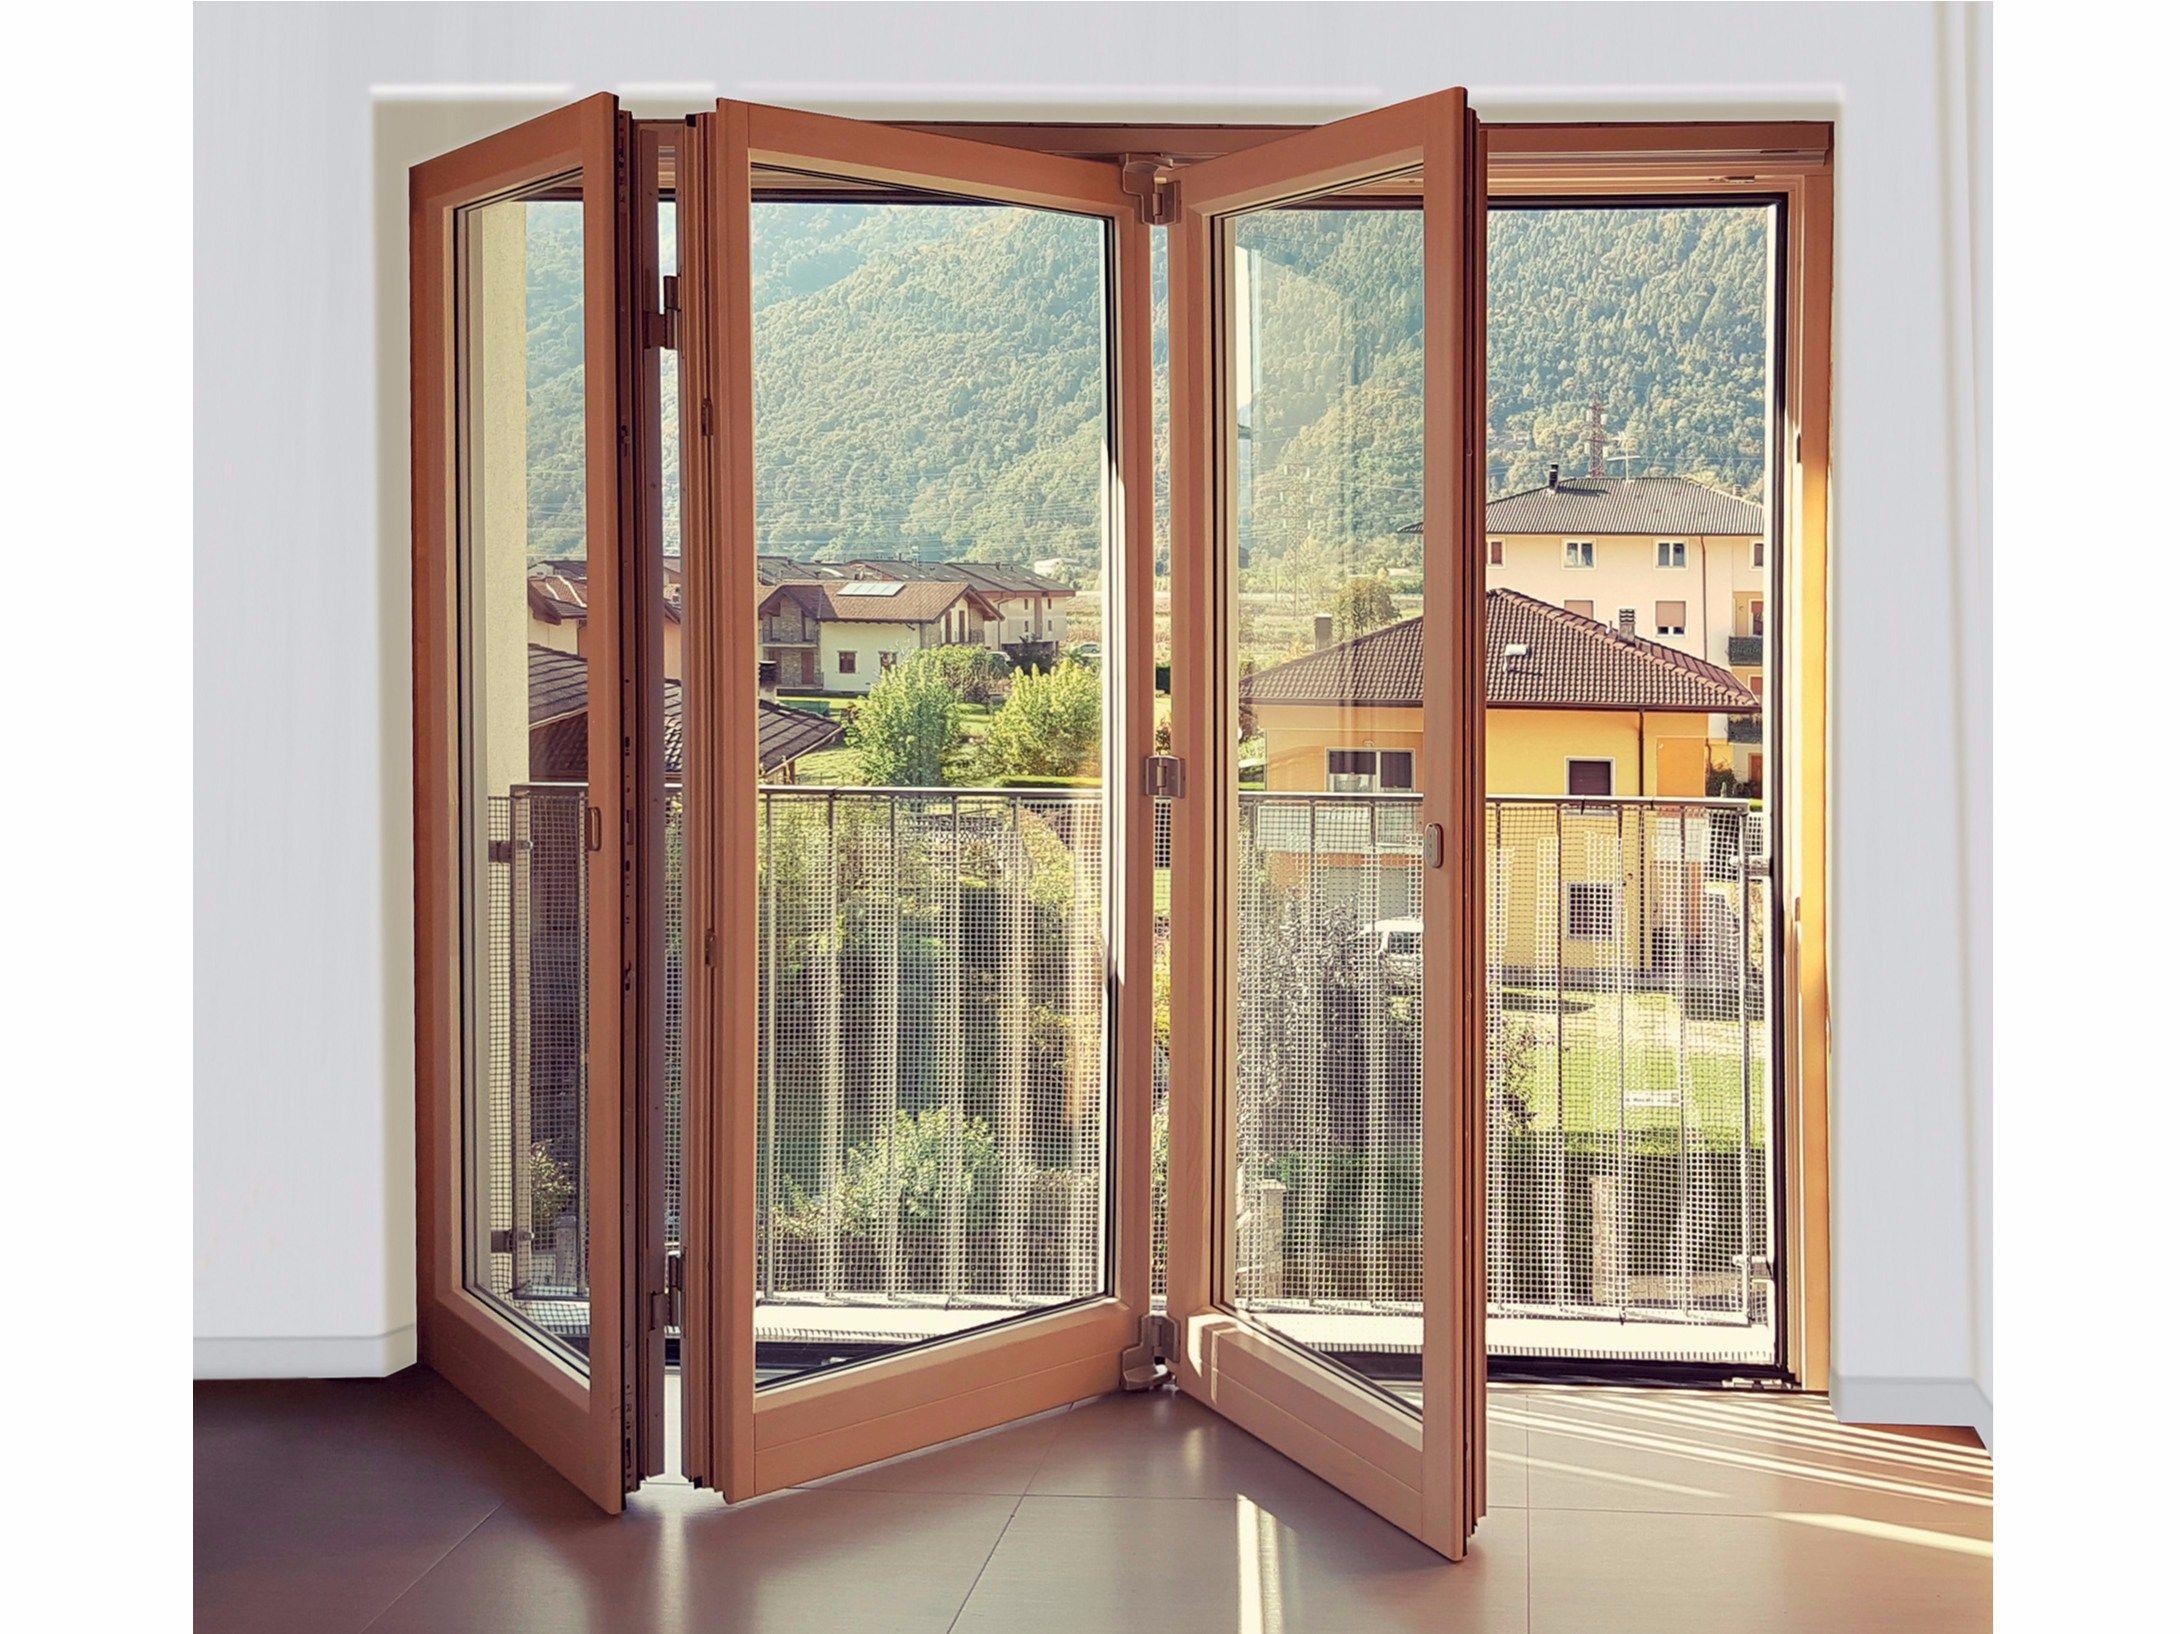 Folding sliding door fs folding sliding door by alpilegno - Porte ad arco ...